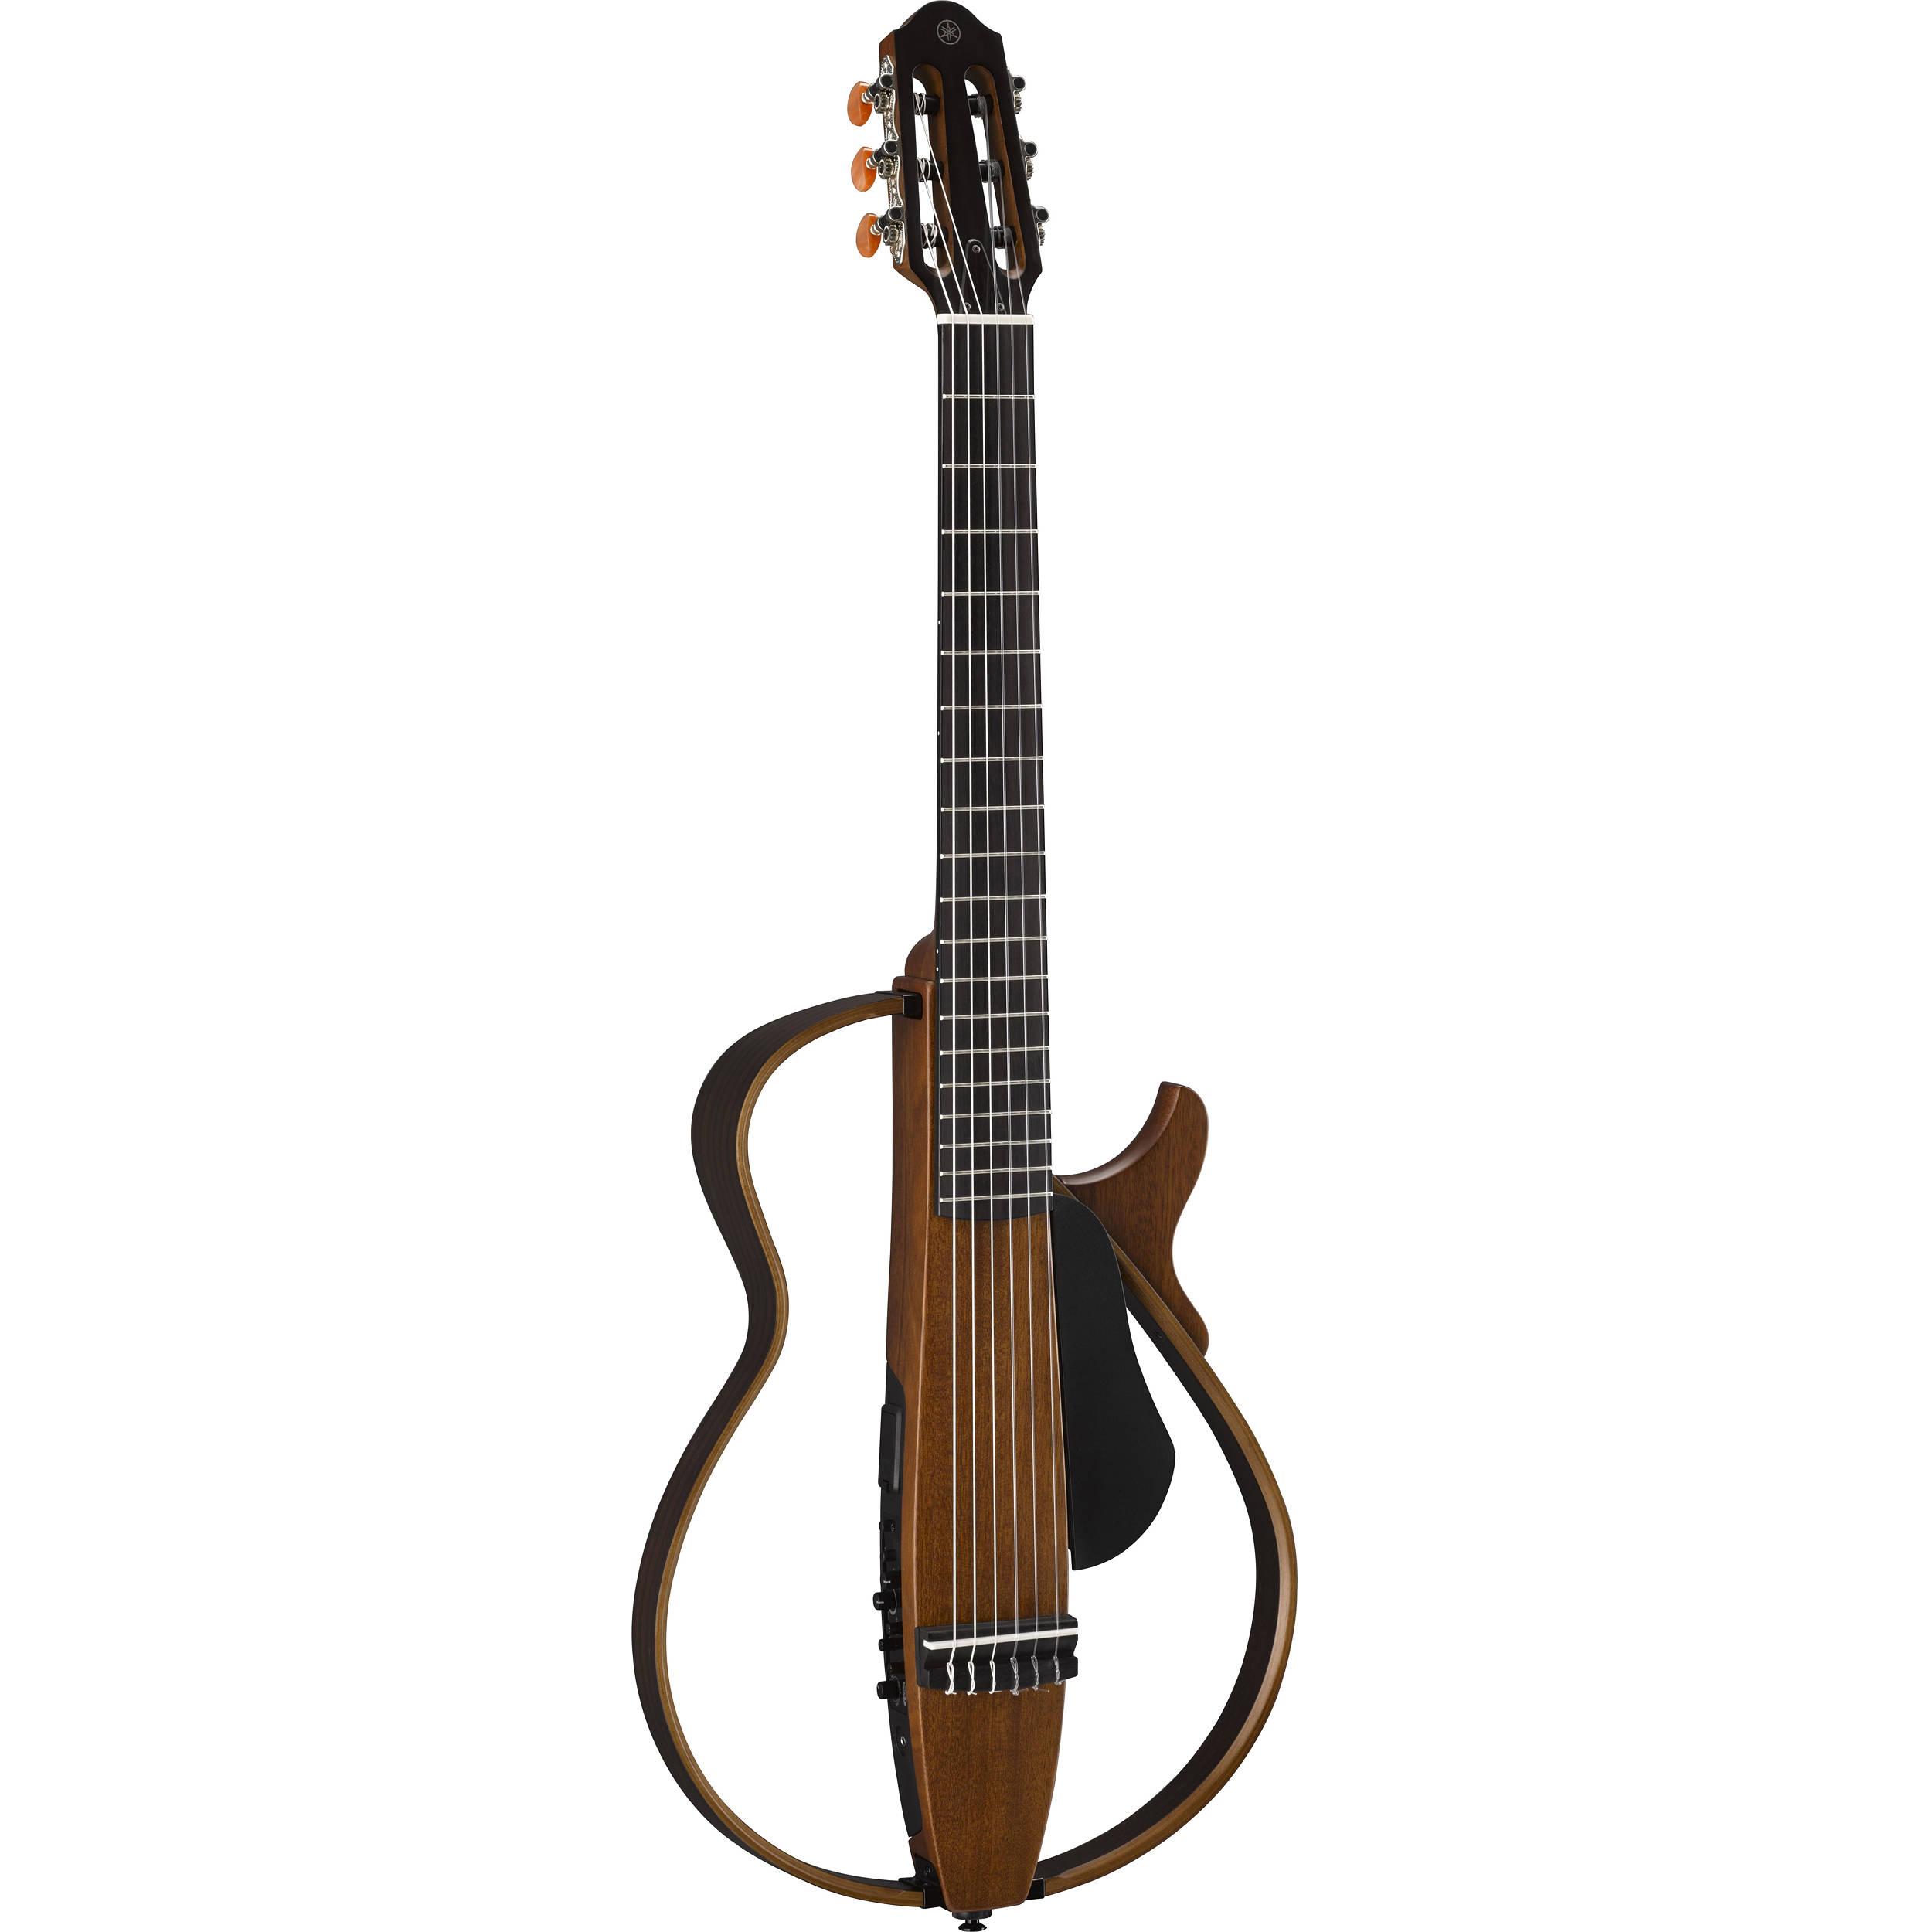 yamaha slg200n nylon string silent guitar natural slg200n nt. Black Bedroom Furniture Sets. Home Design Ideas